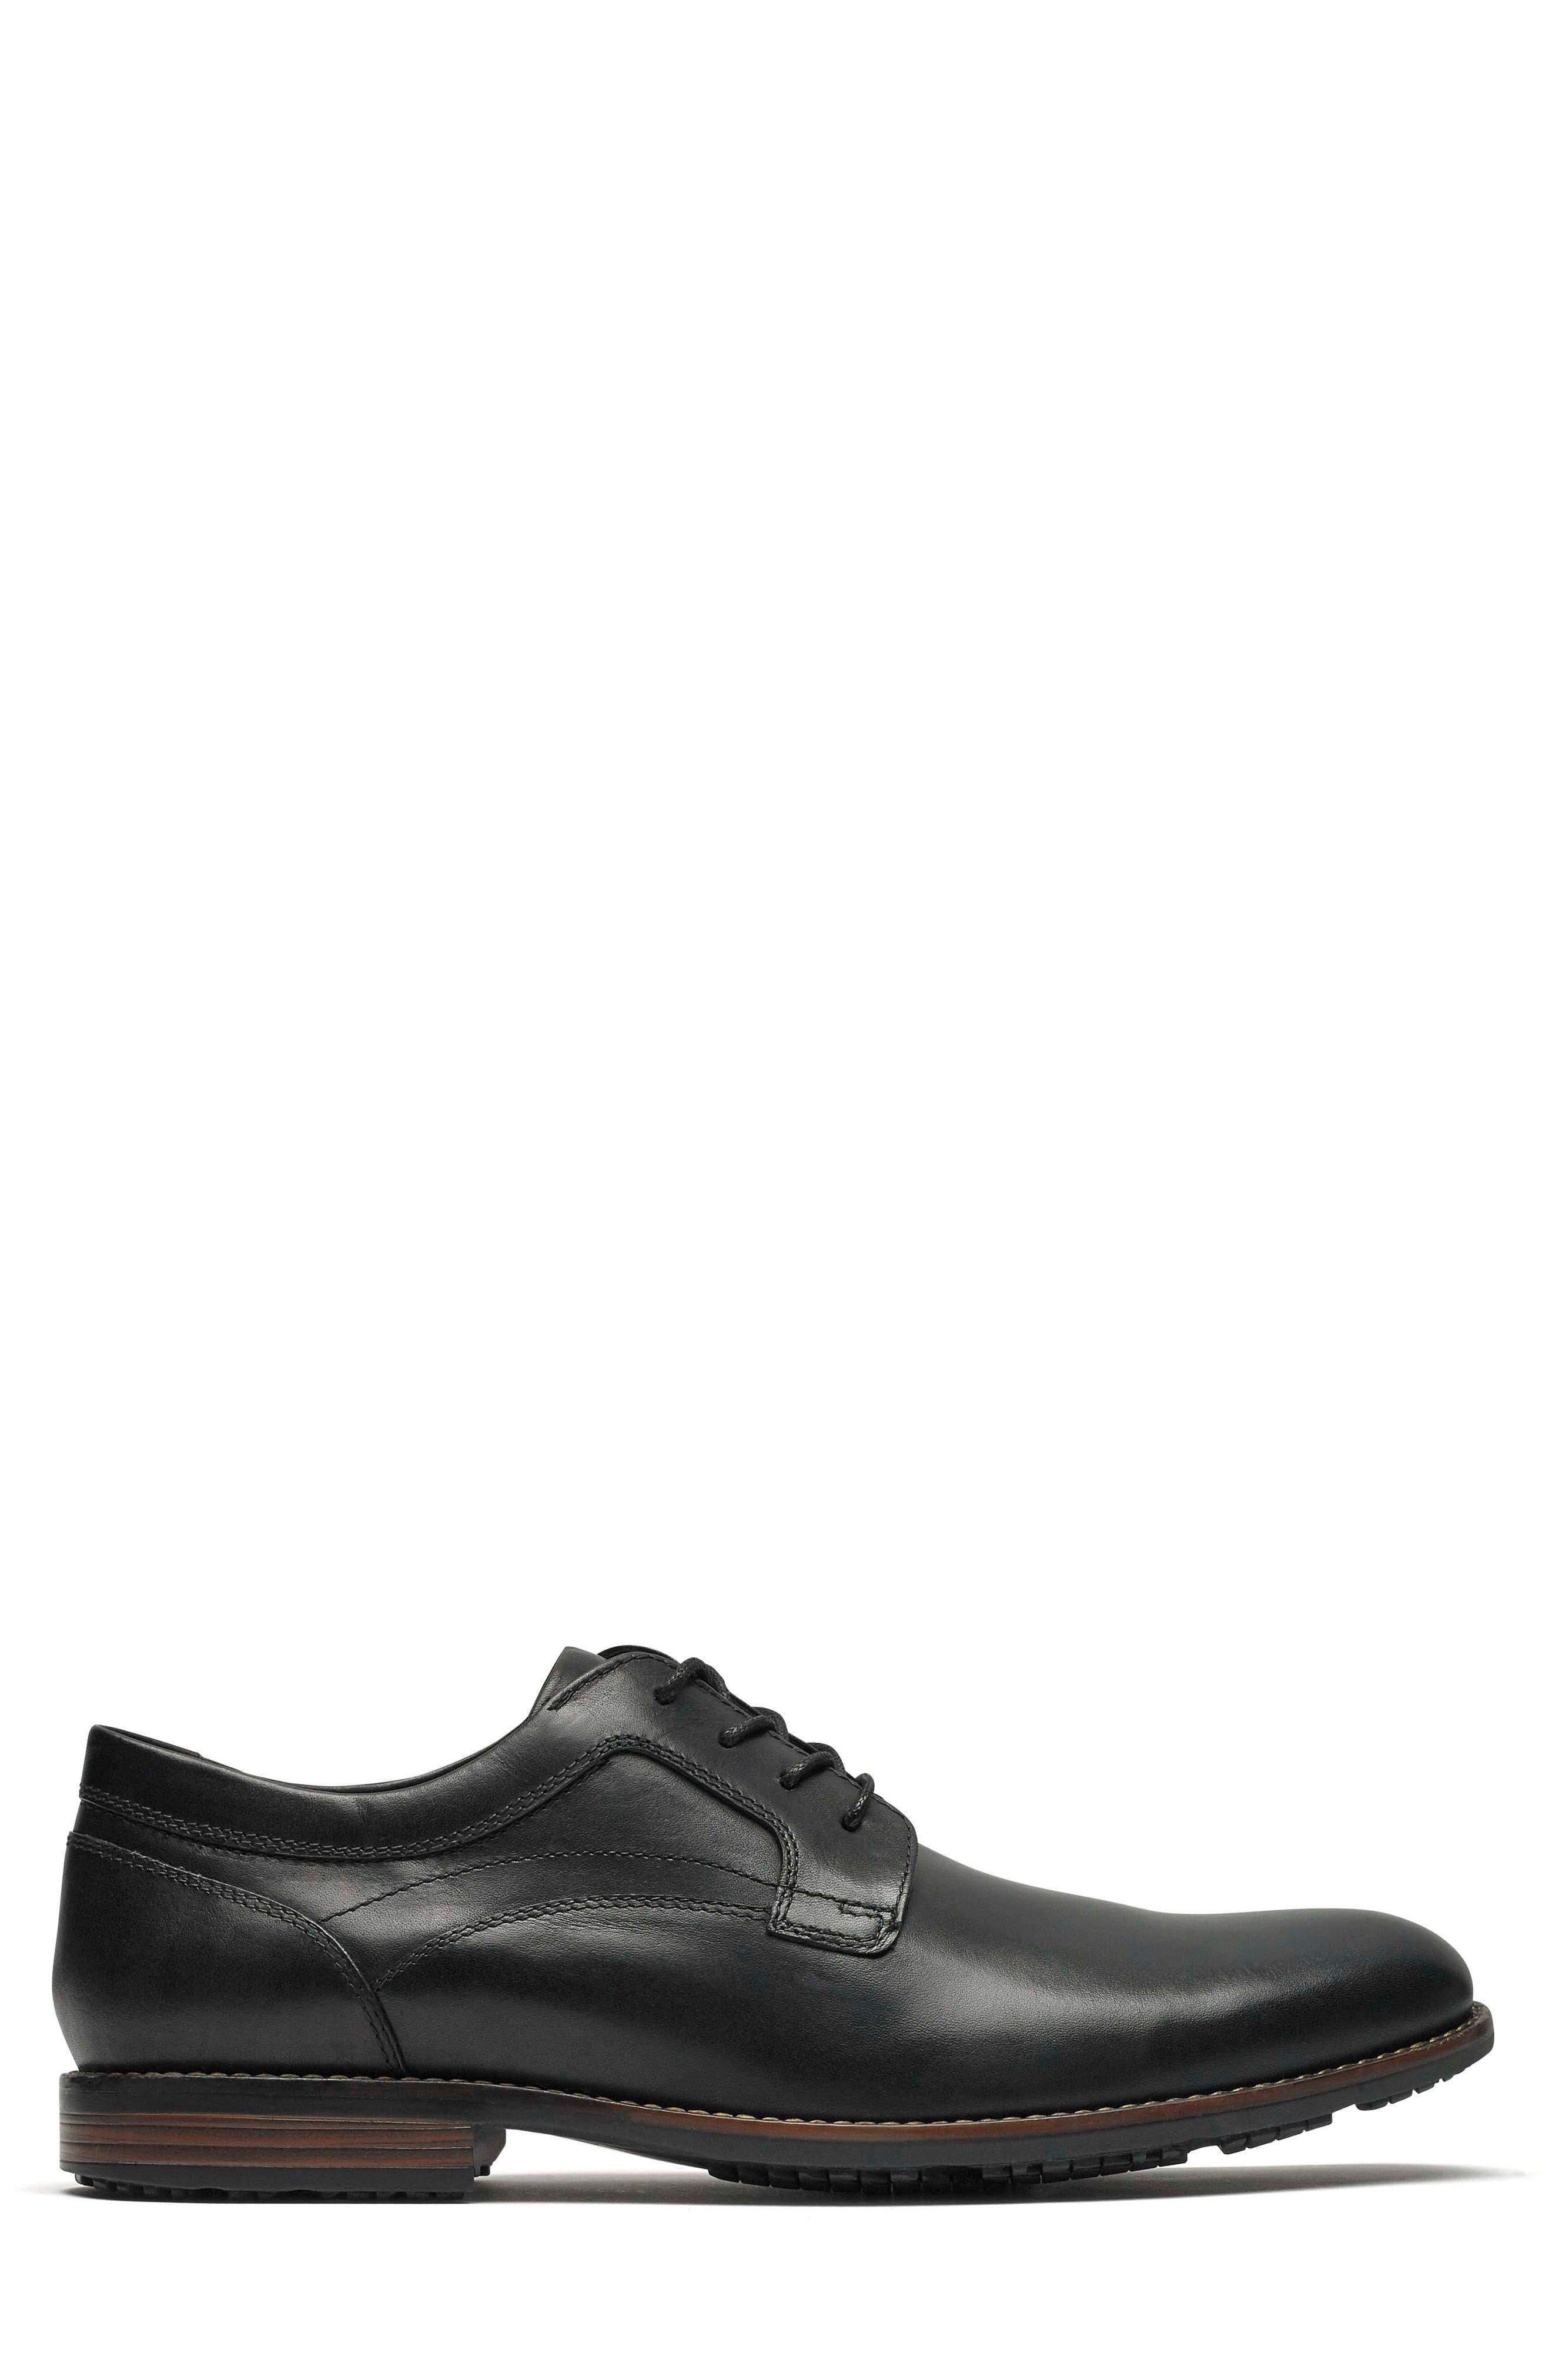 Dustyn Waterproof Plain Toe Derby,                             Alternate thumbnail 3, color,                             BLACK LEATHER